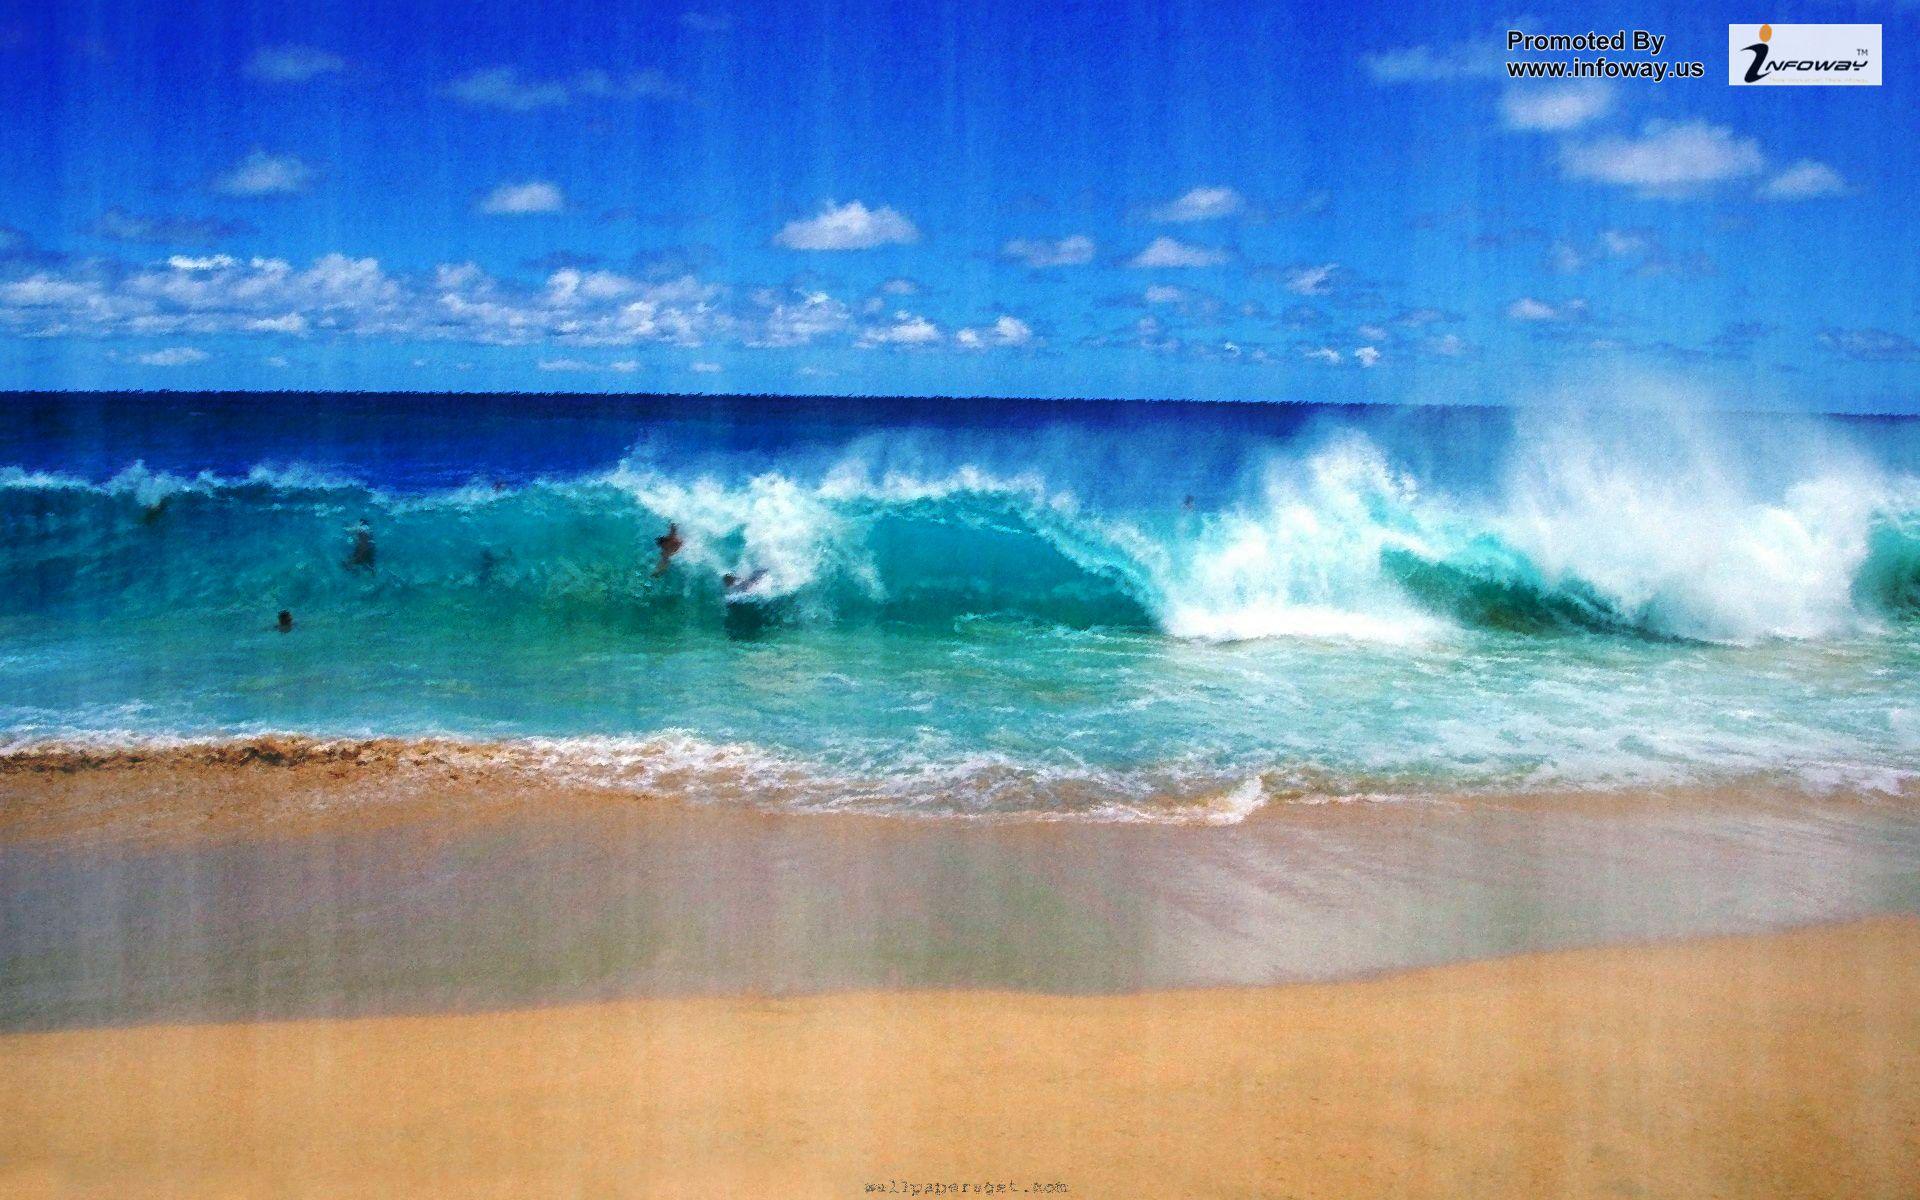 Beautiful Ocean Scenes Wallpaper - WallpaperSafari